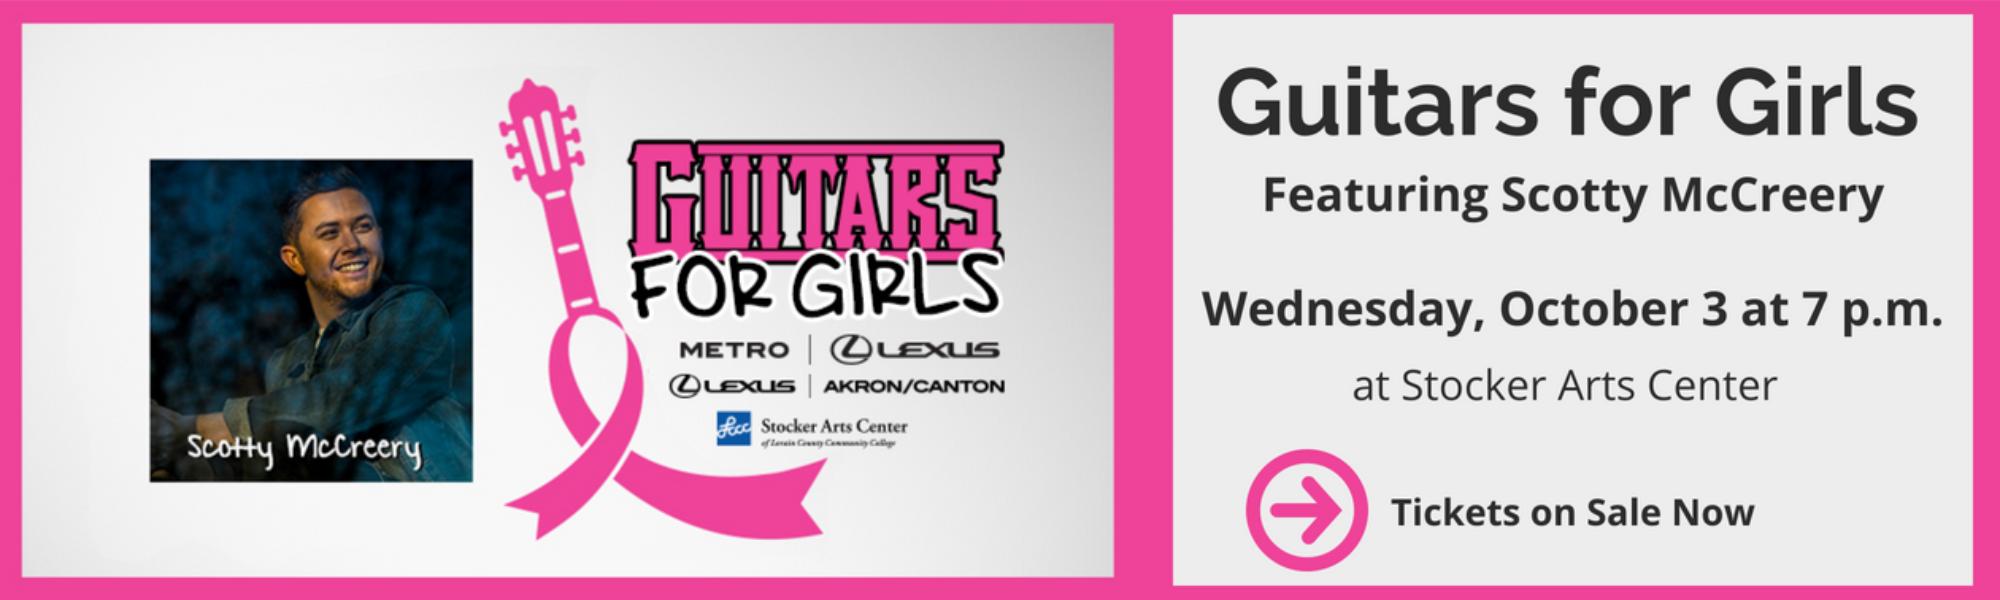 Guitars for Girls 2018